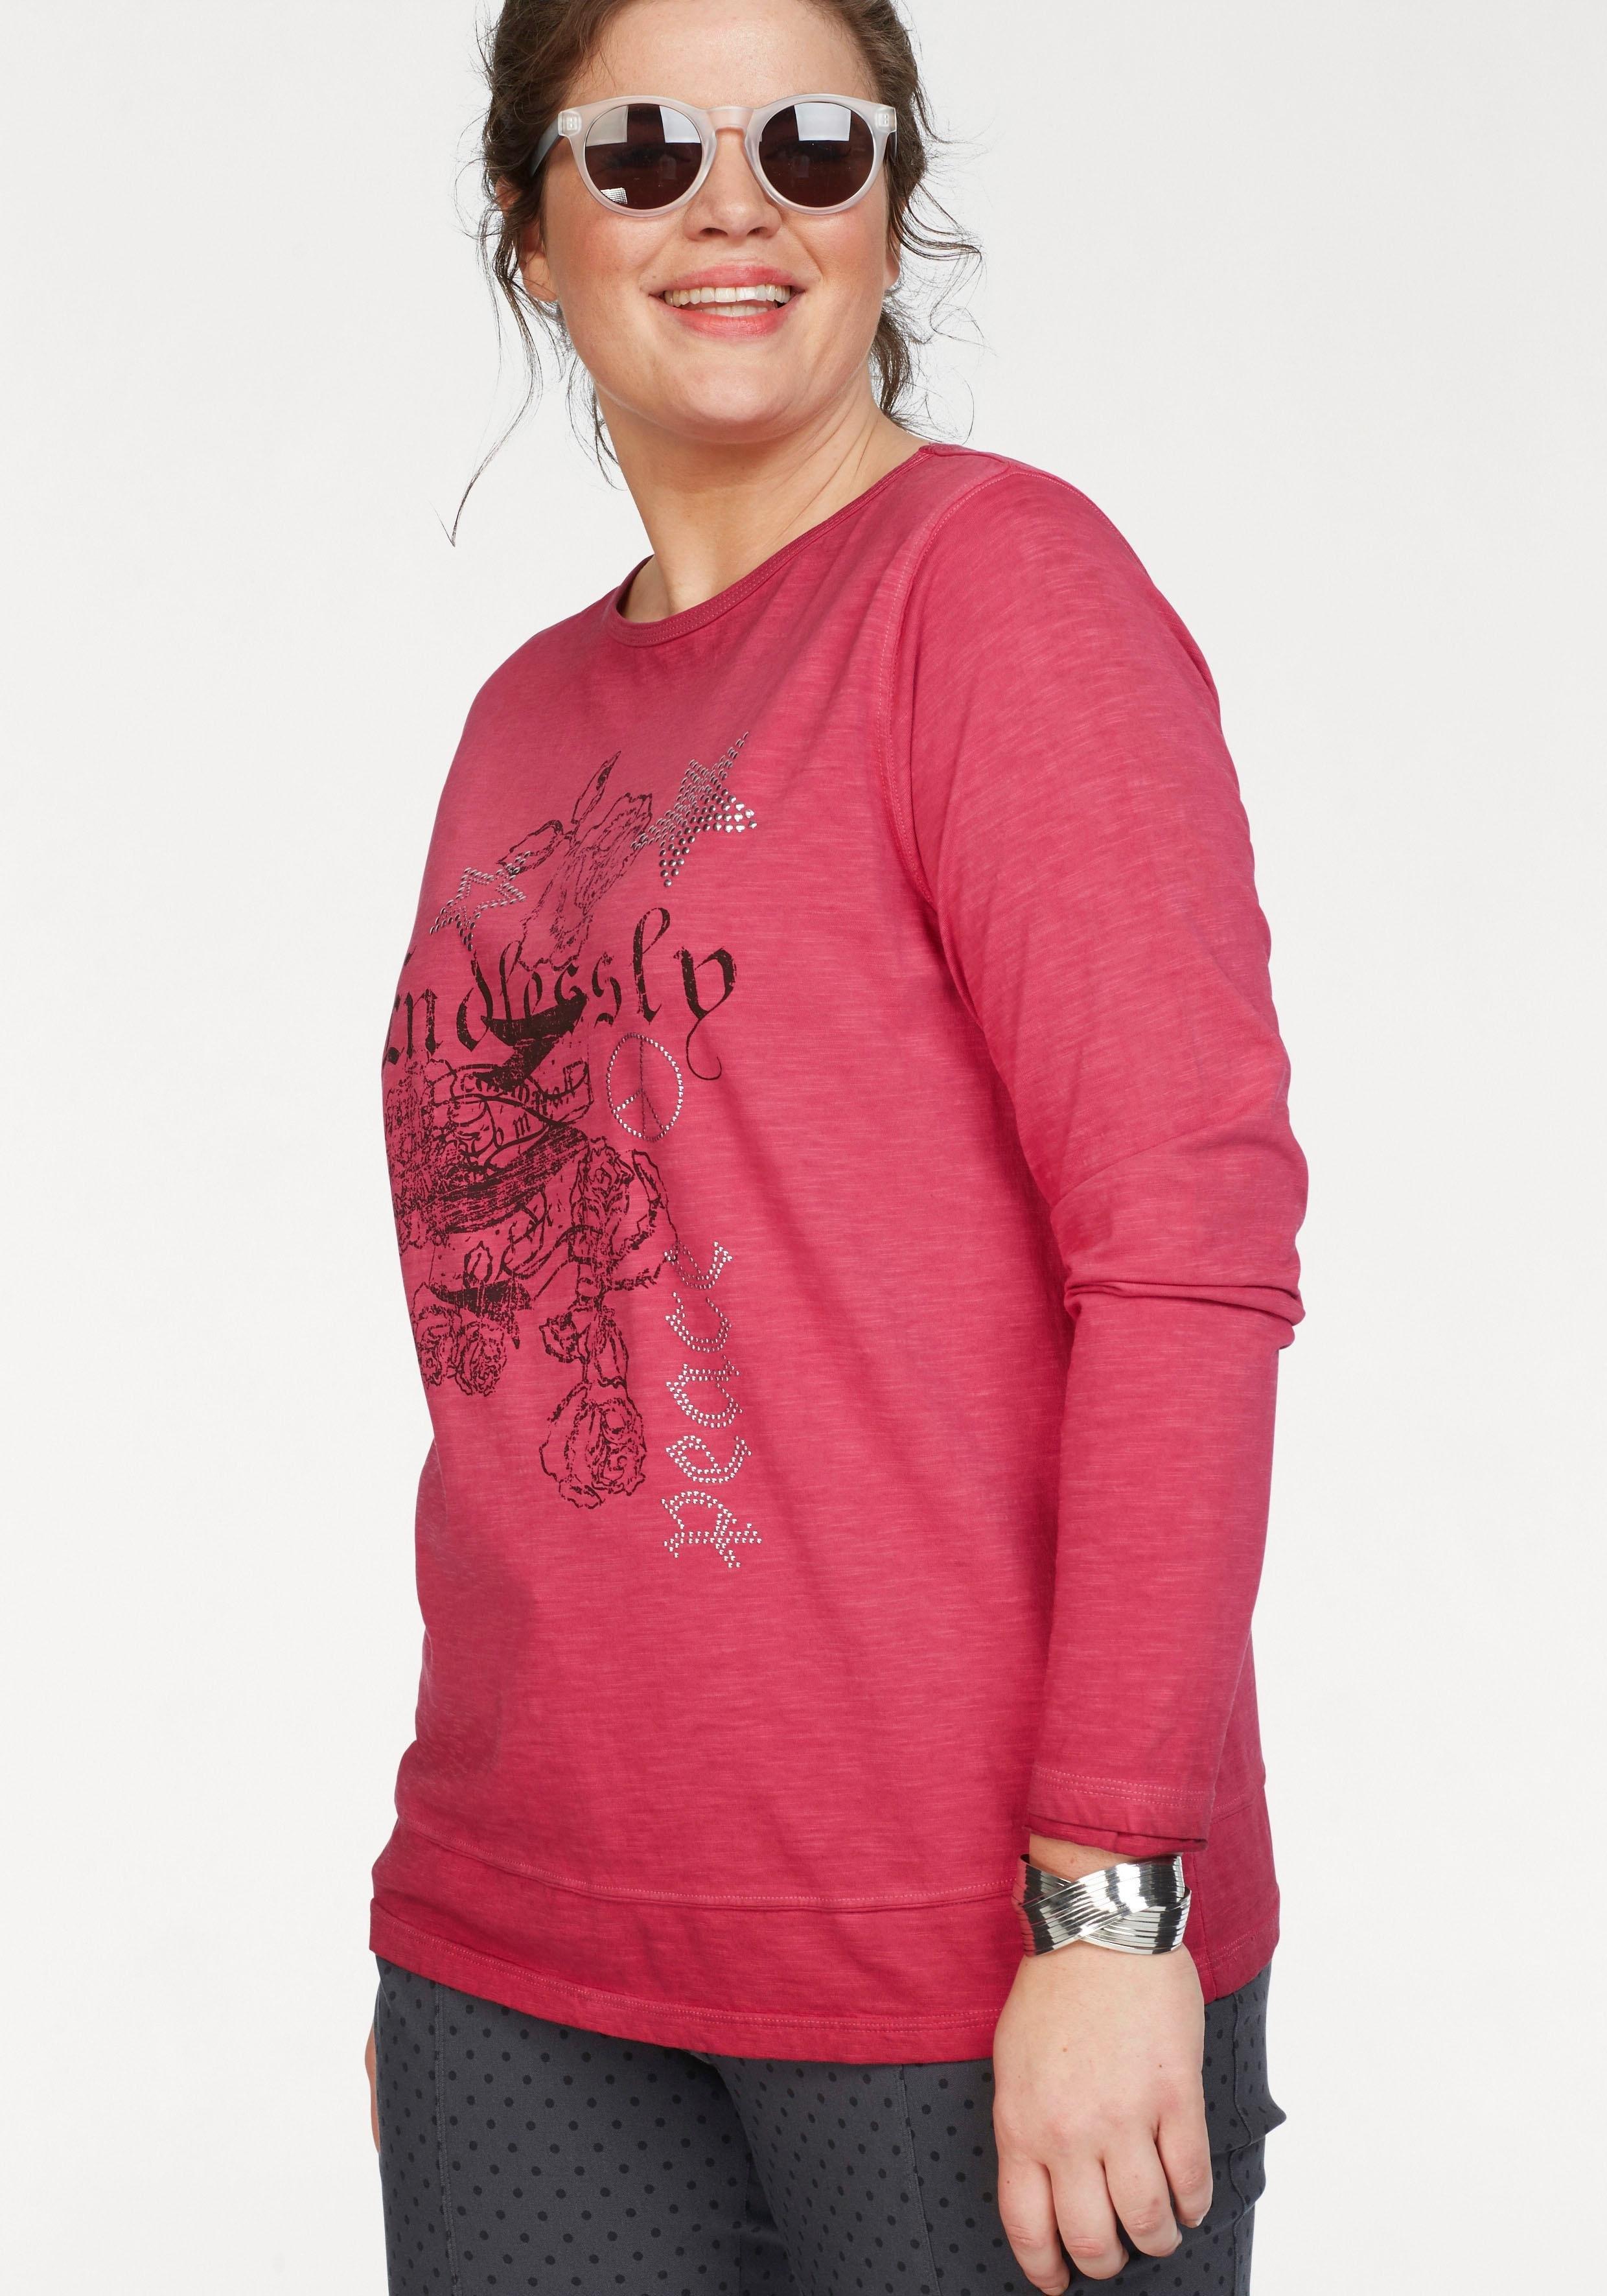 Print Shoppen Shirt Met Navigazione Più Online zMLUpVqSG